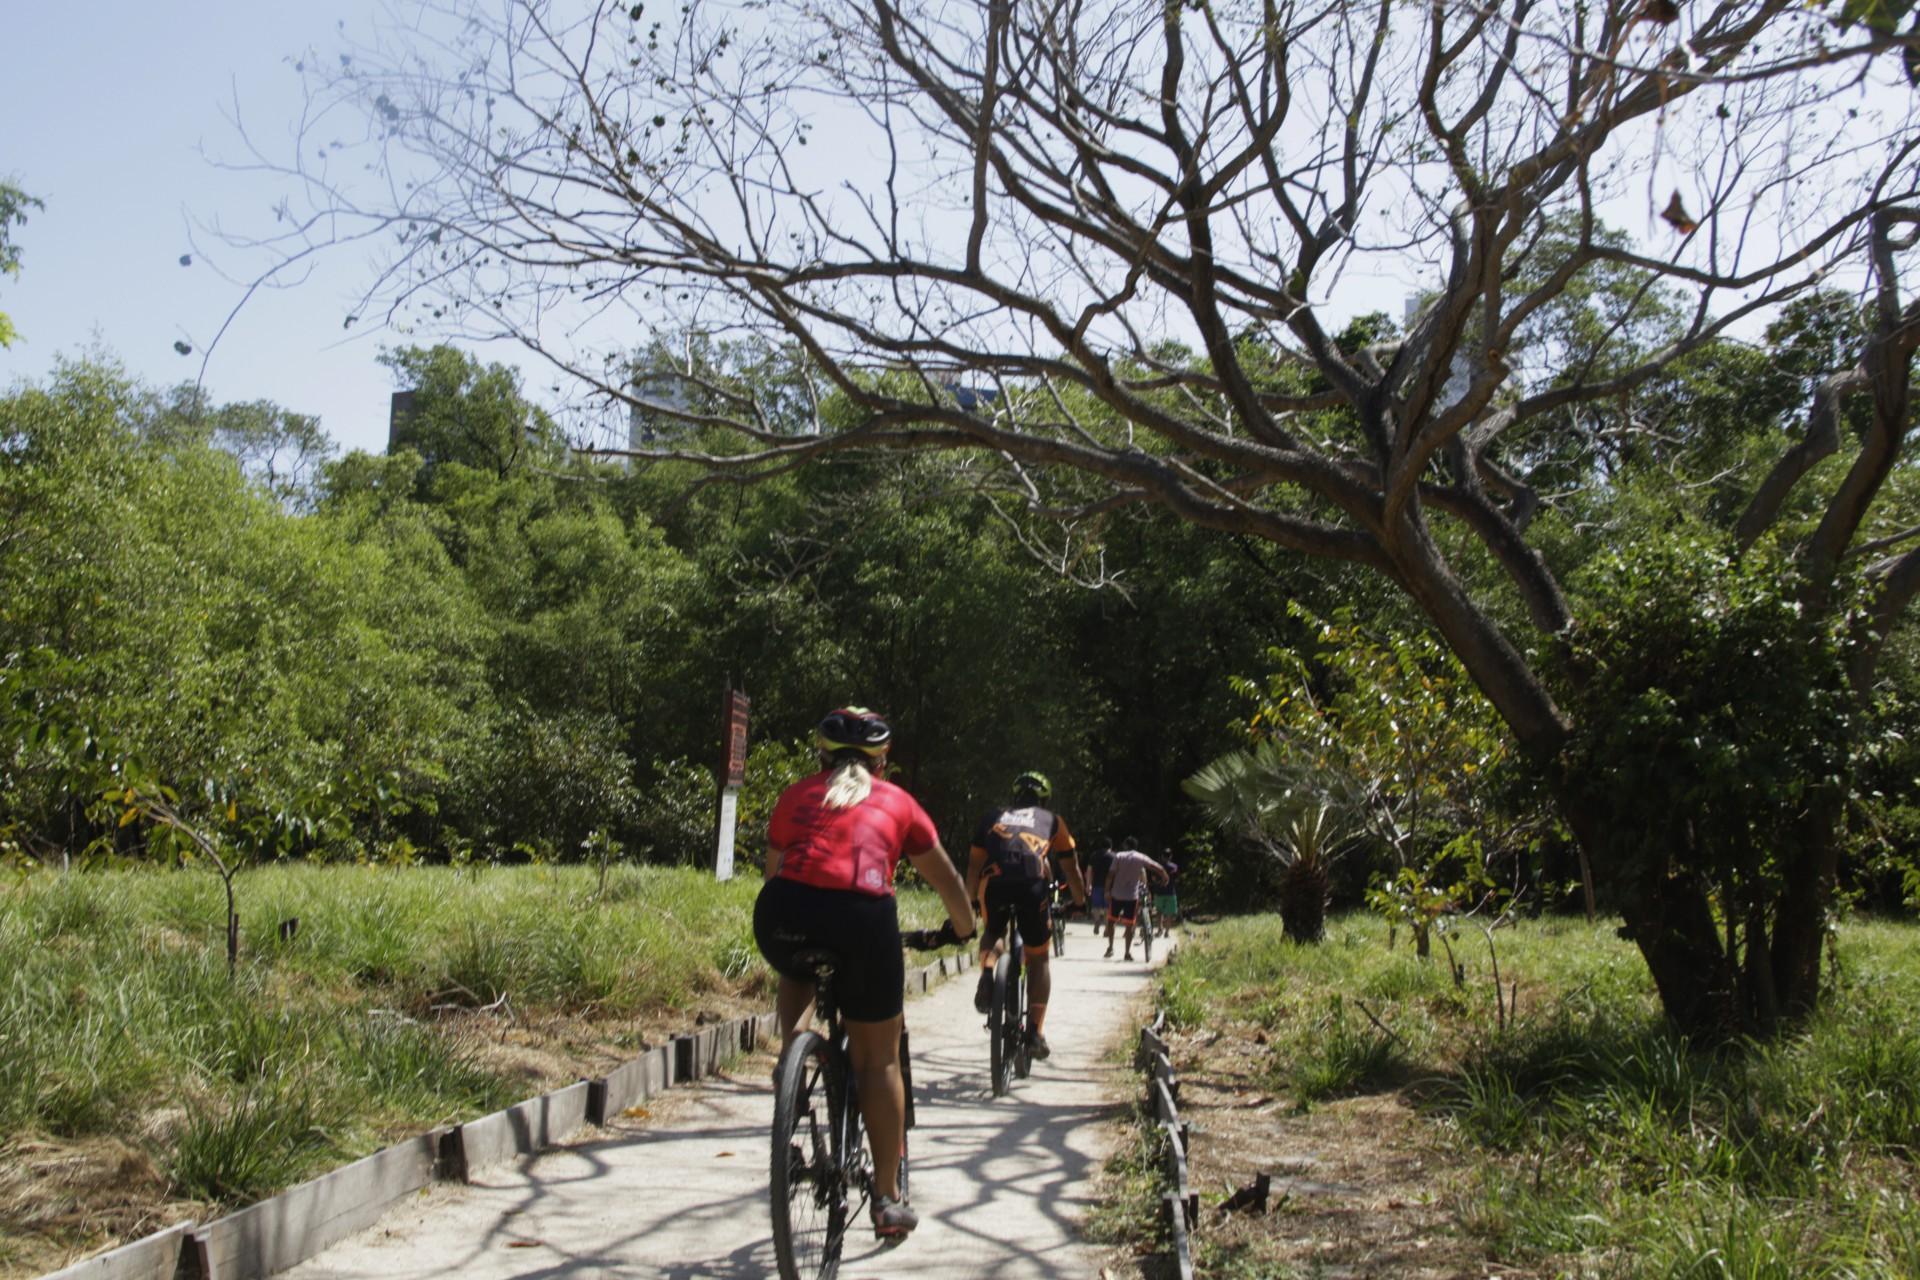 Andar de bicicleta nas trilhas do Parque já é proibido até 13h aos domingos